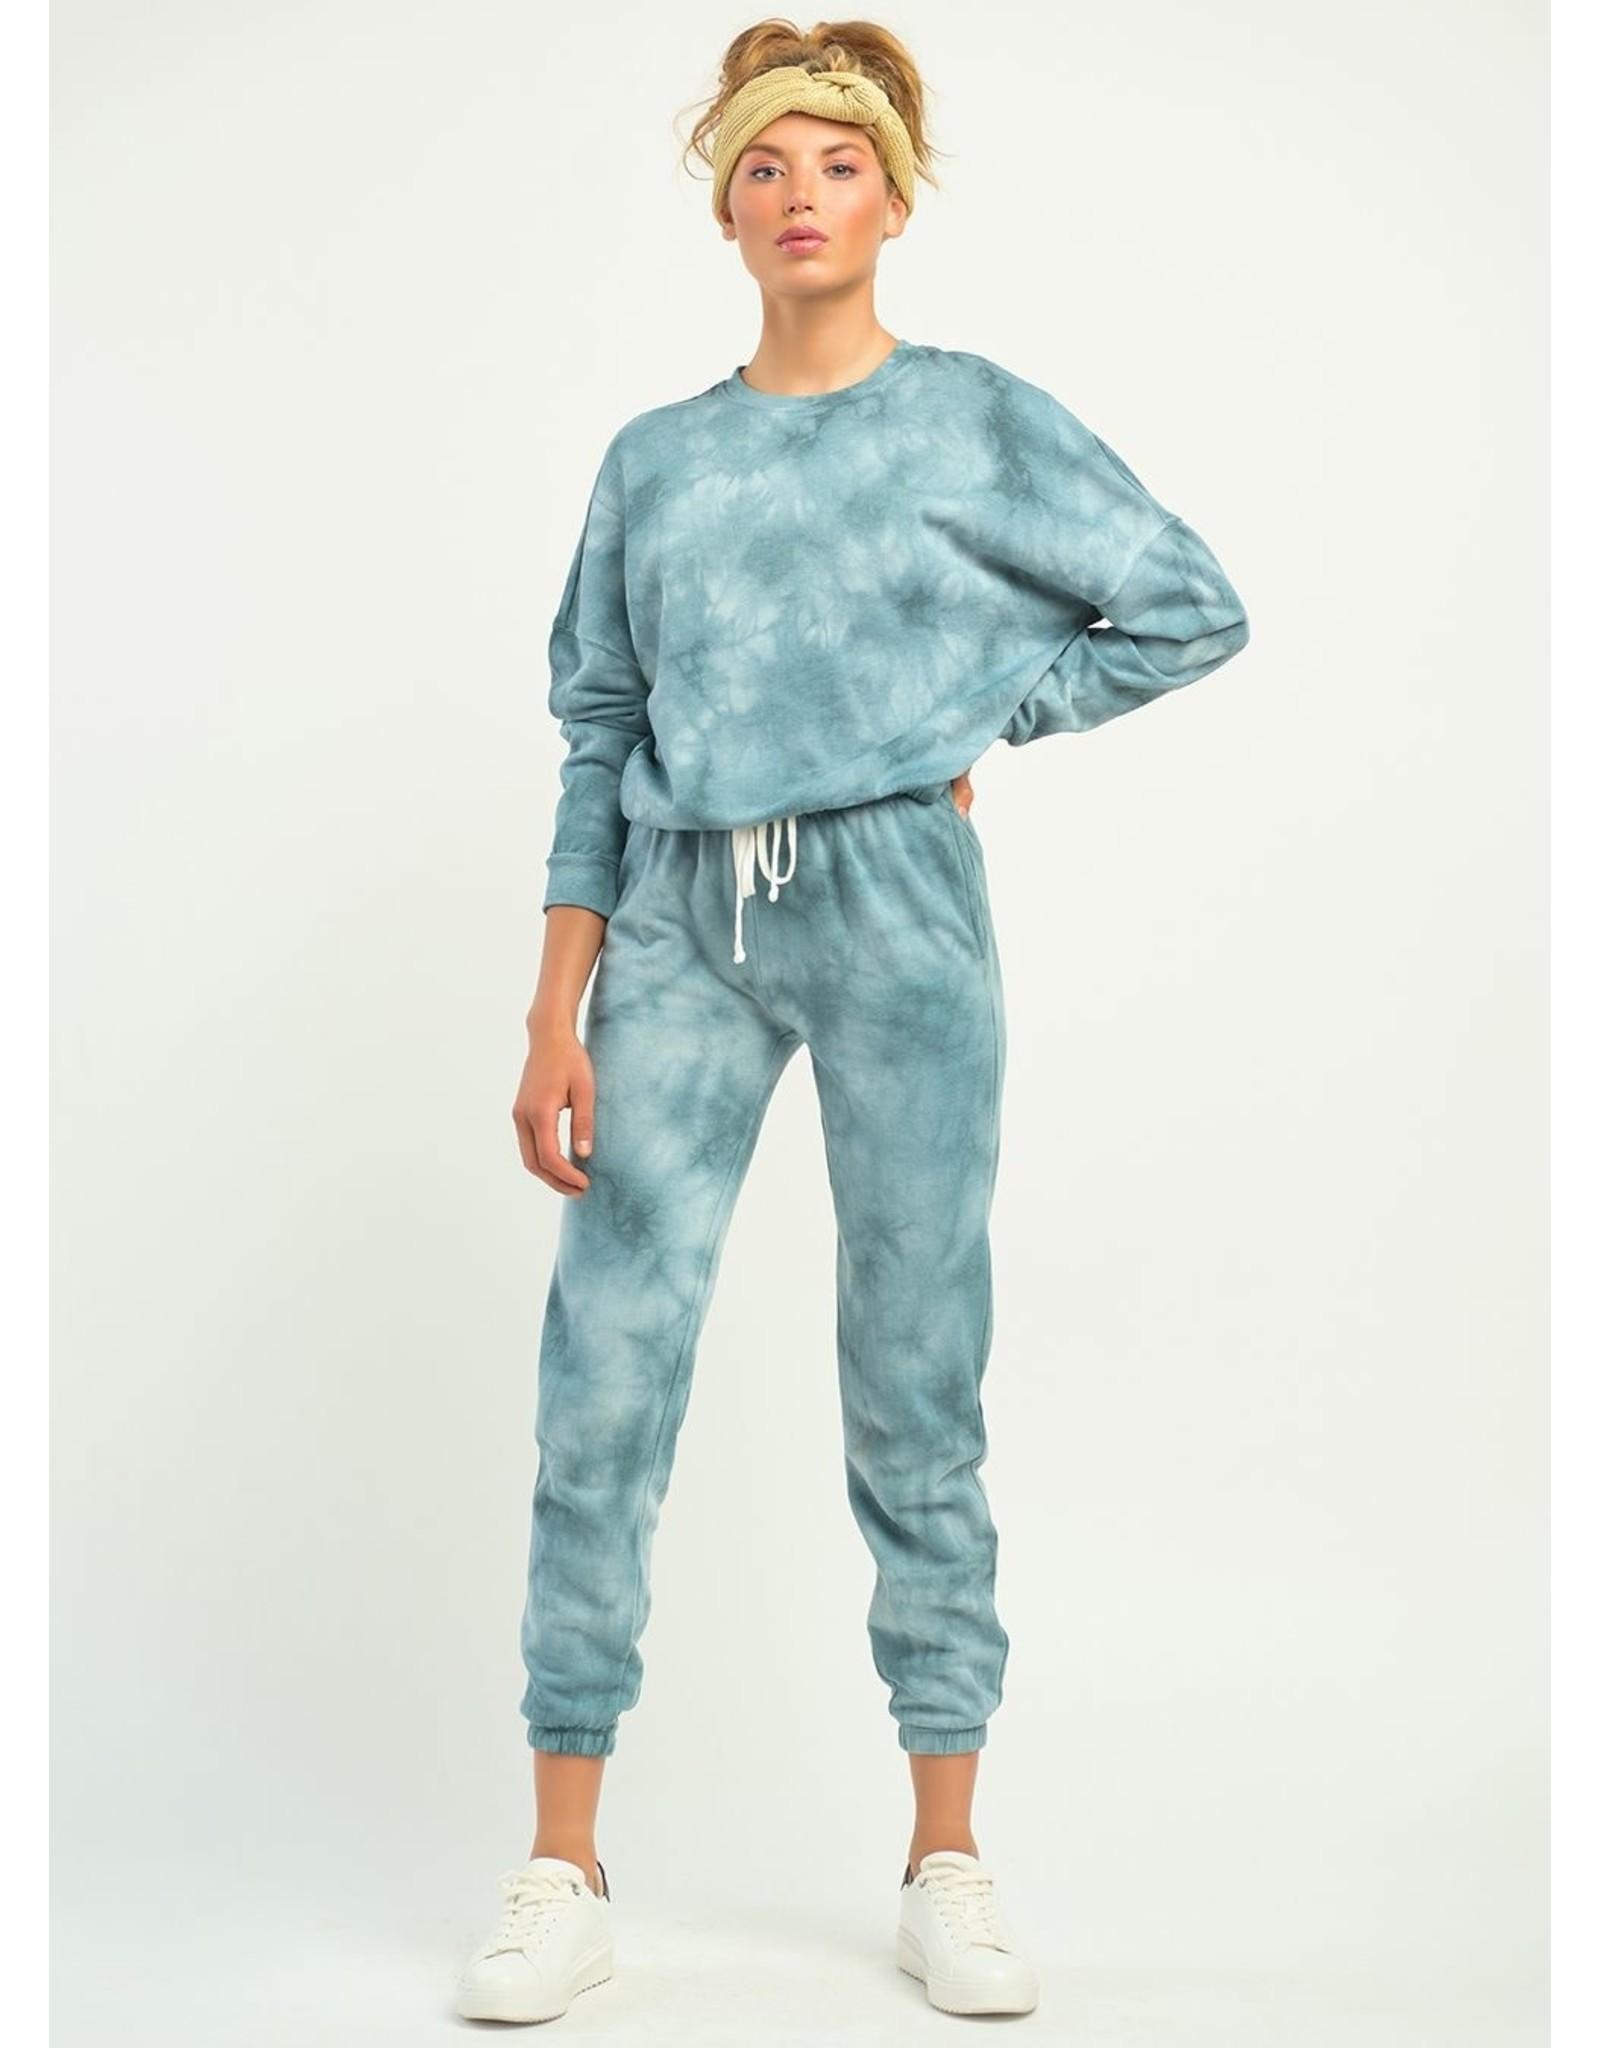 Dex - Tie Dye Sweatpants